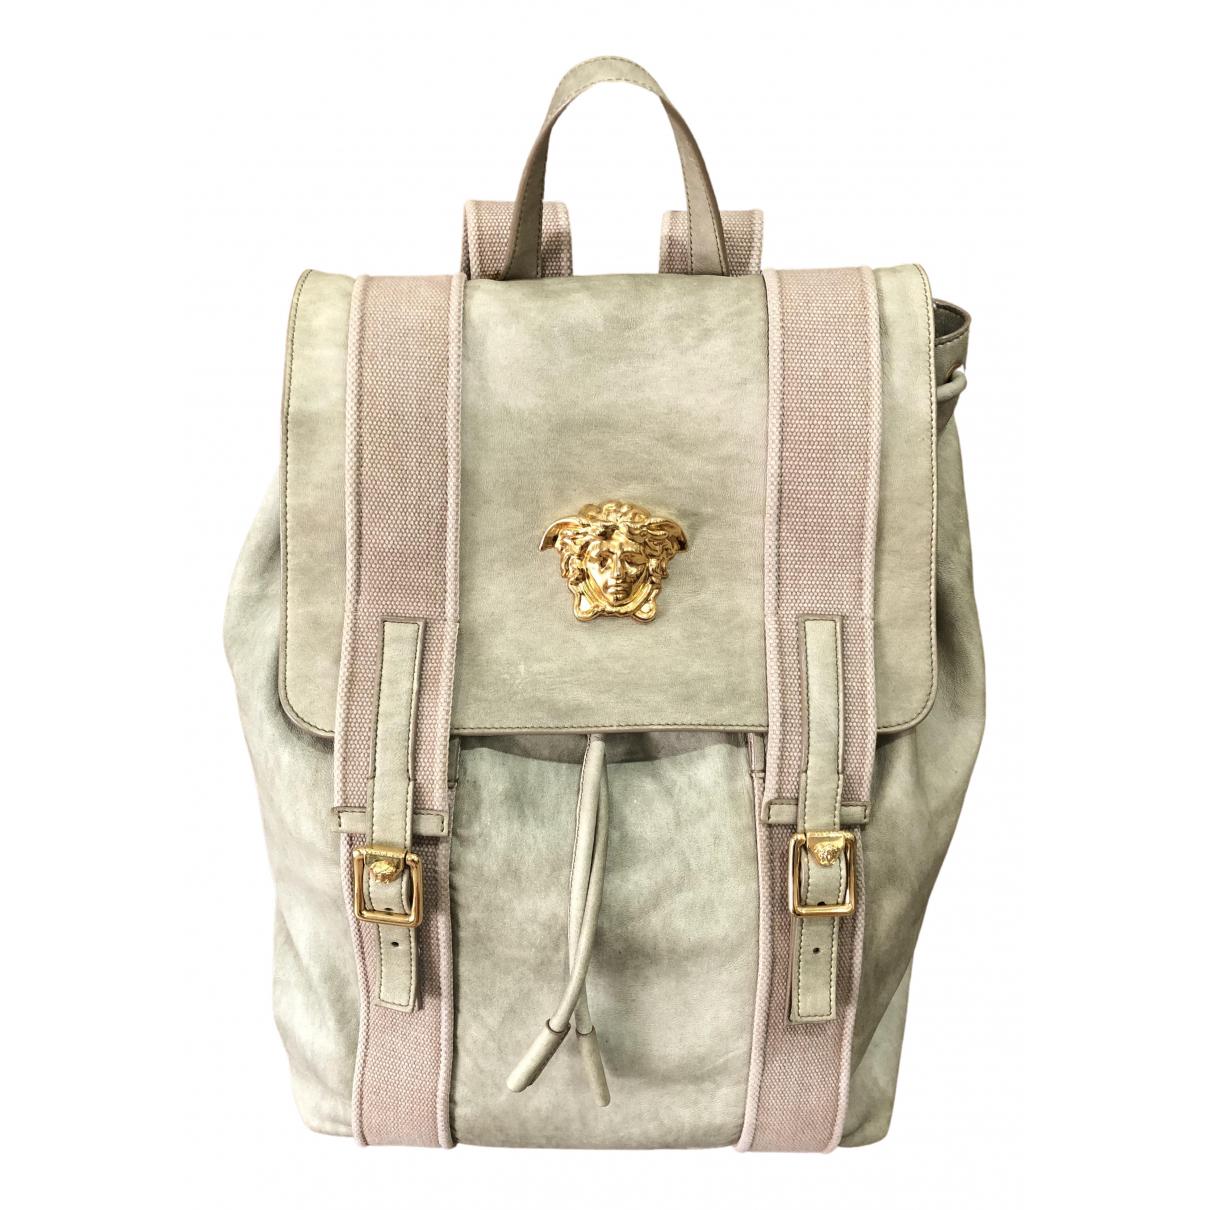 Versace \N Beige Leather bag for Men \N